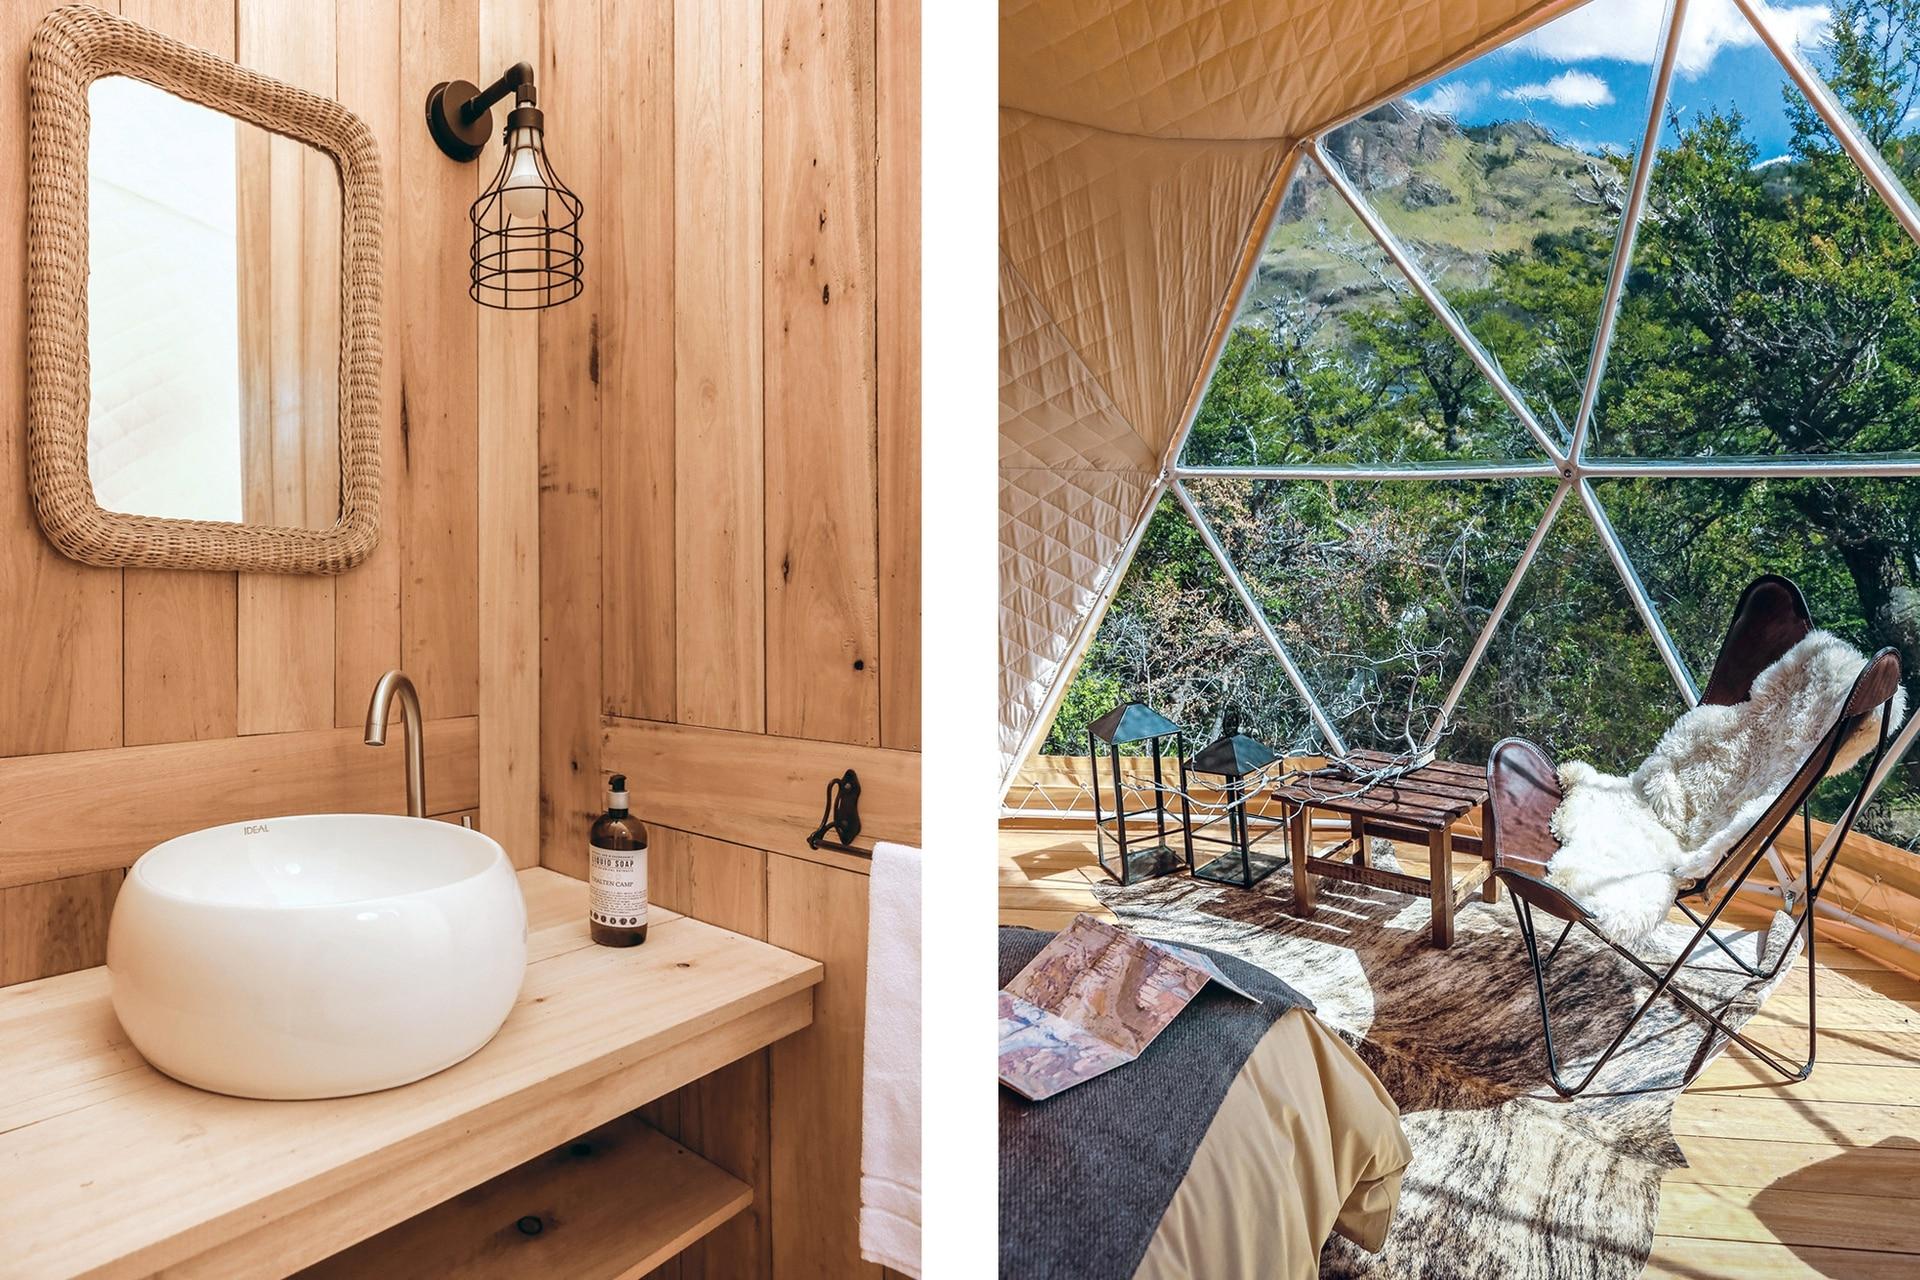 El tabique divisor está revestido en kiri hacia el dormitorio, y en eucalipto hacia el baño.